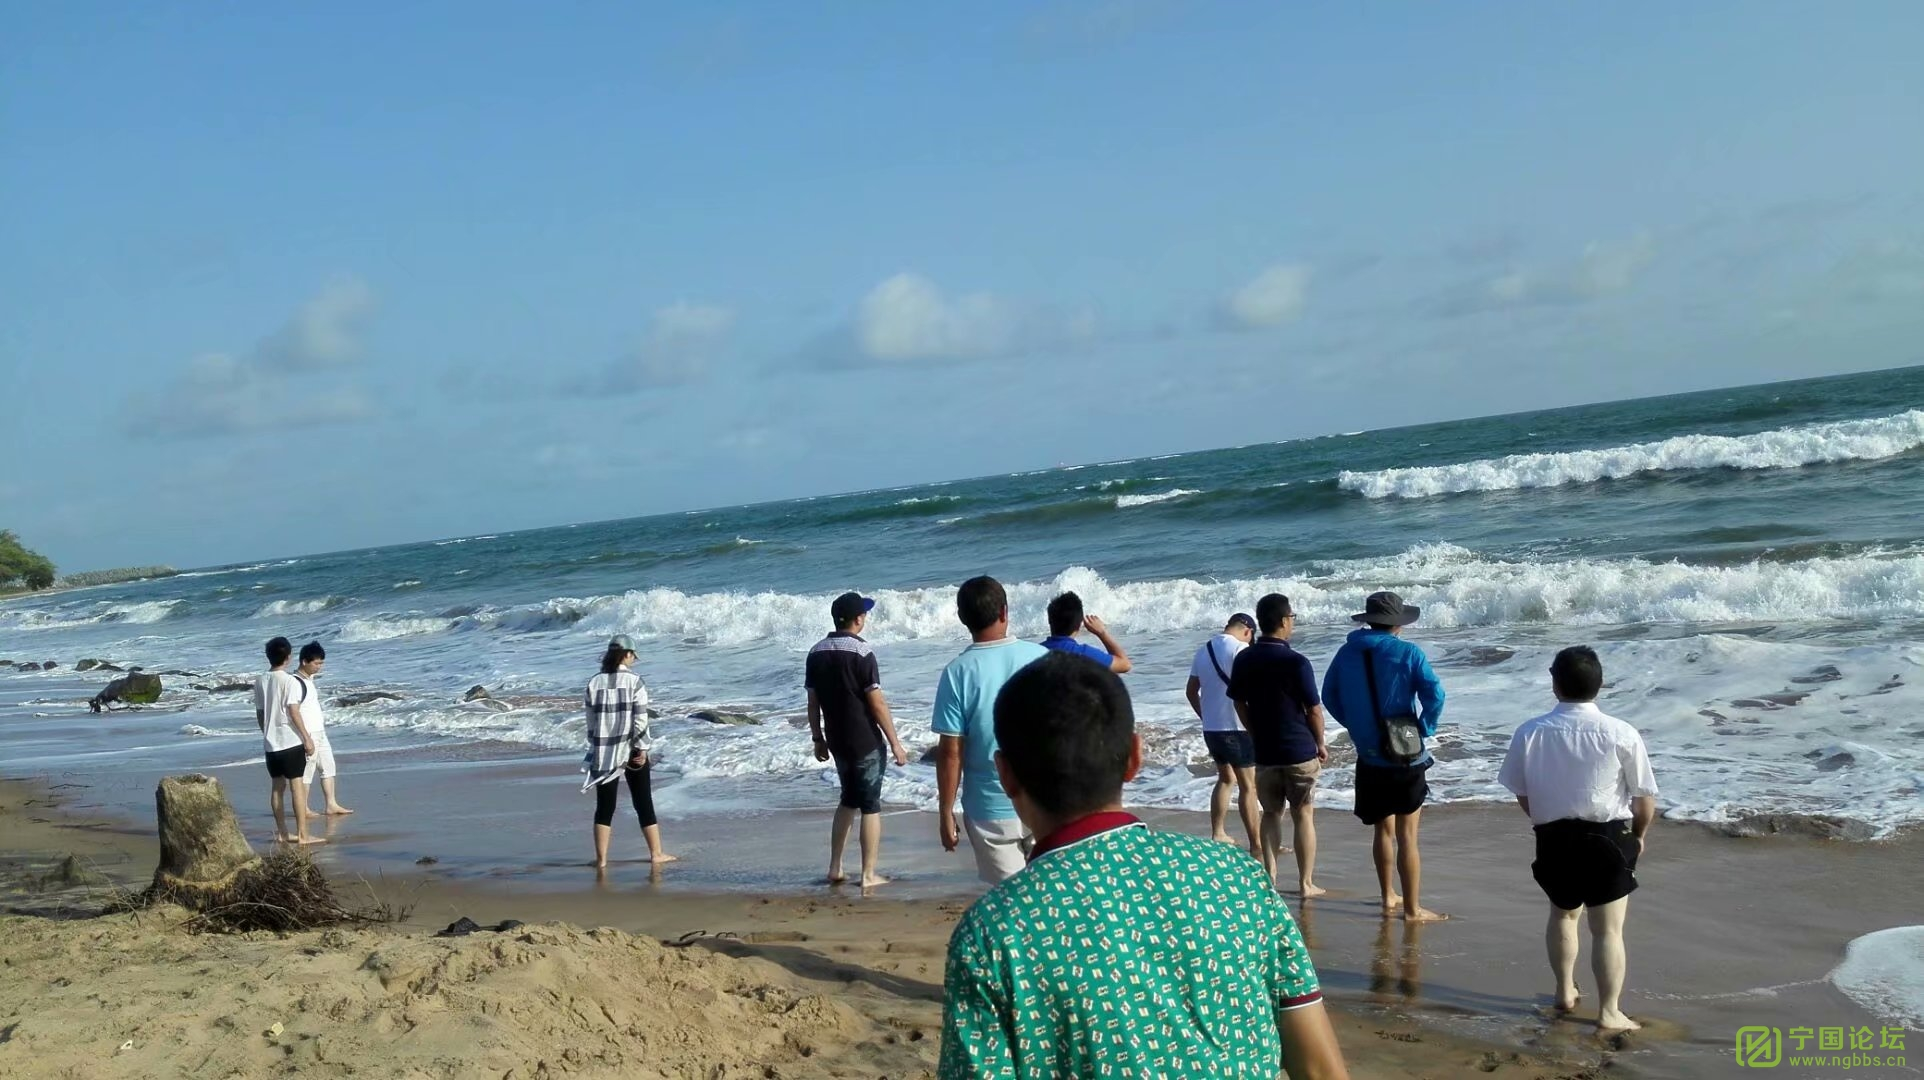 加纳风光-好久没发了 - 宁国论坛 - 大西洋